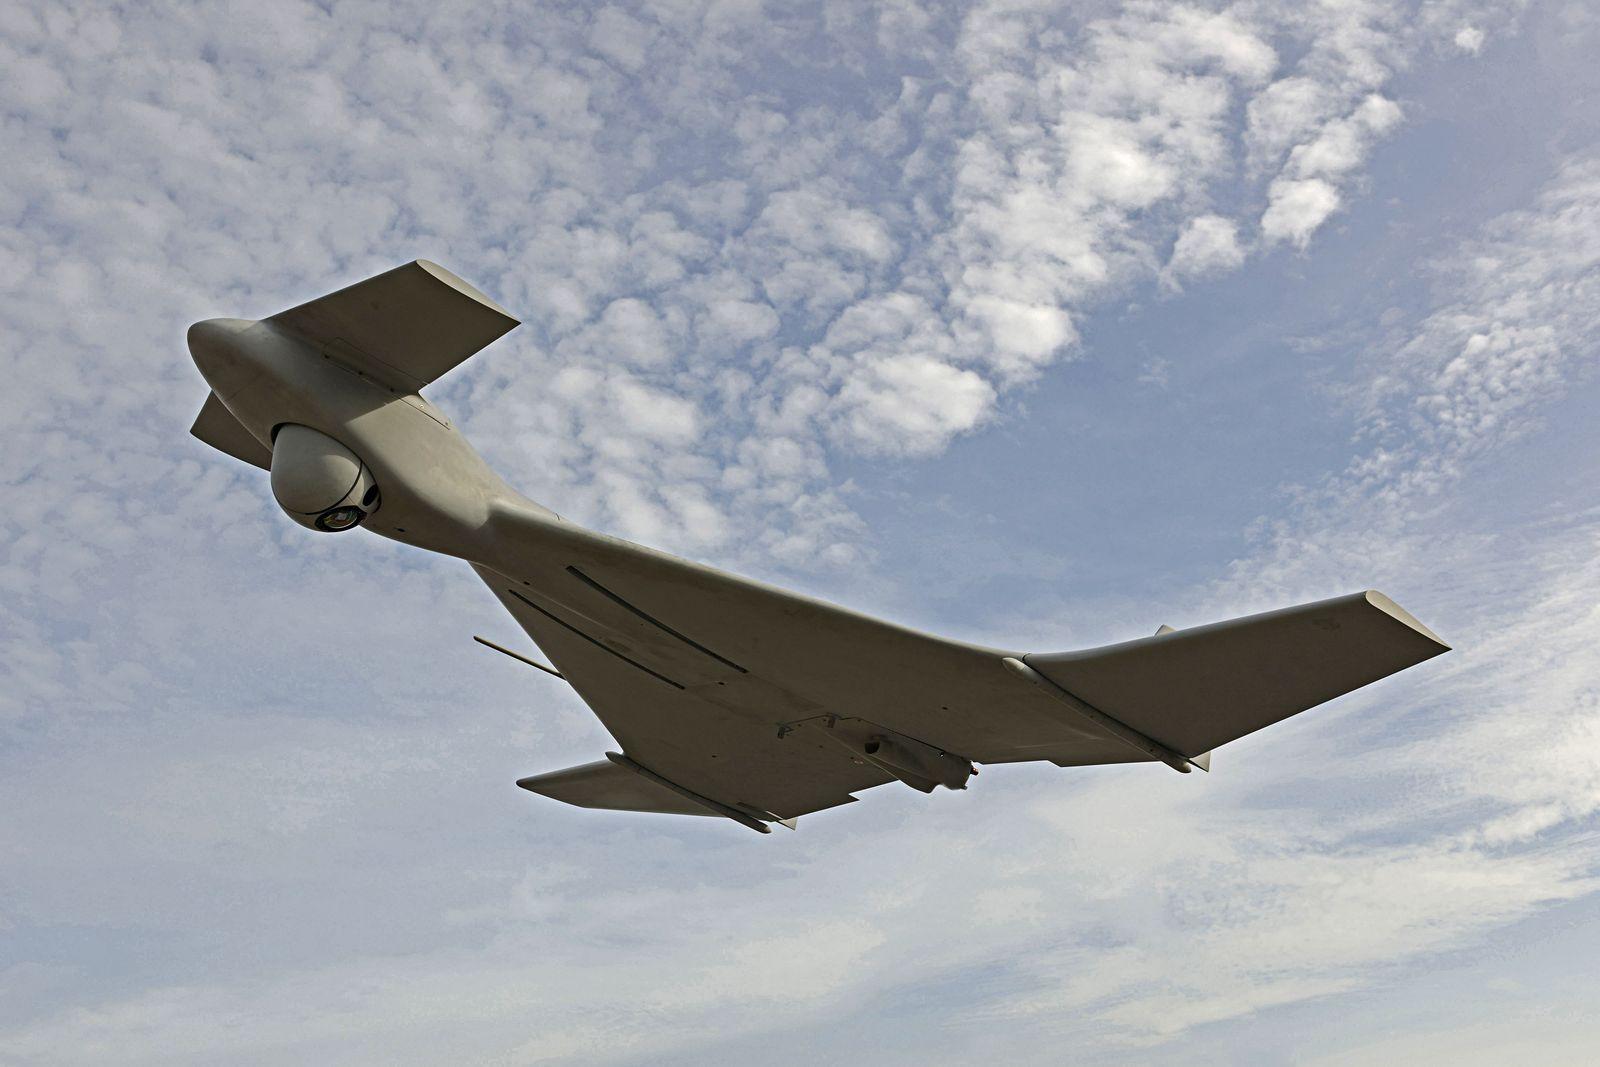 Mock-up of IAI Harop UAV flying